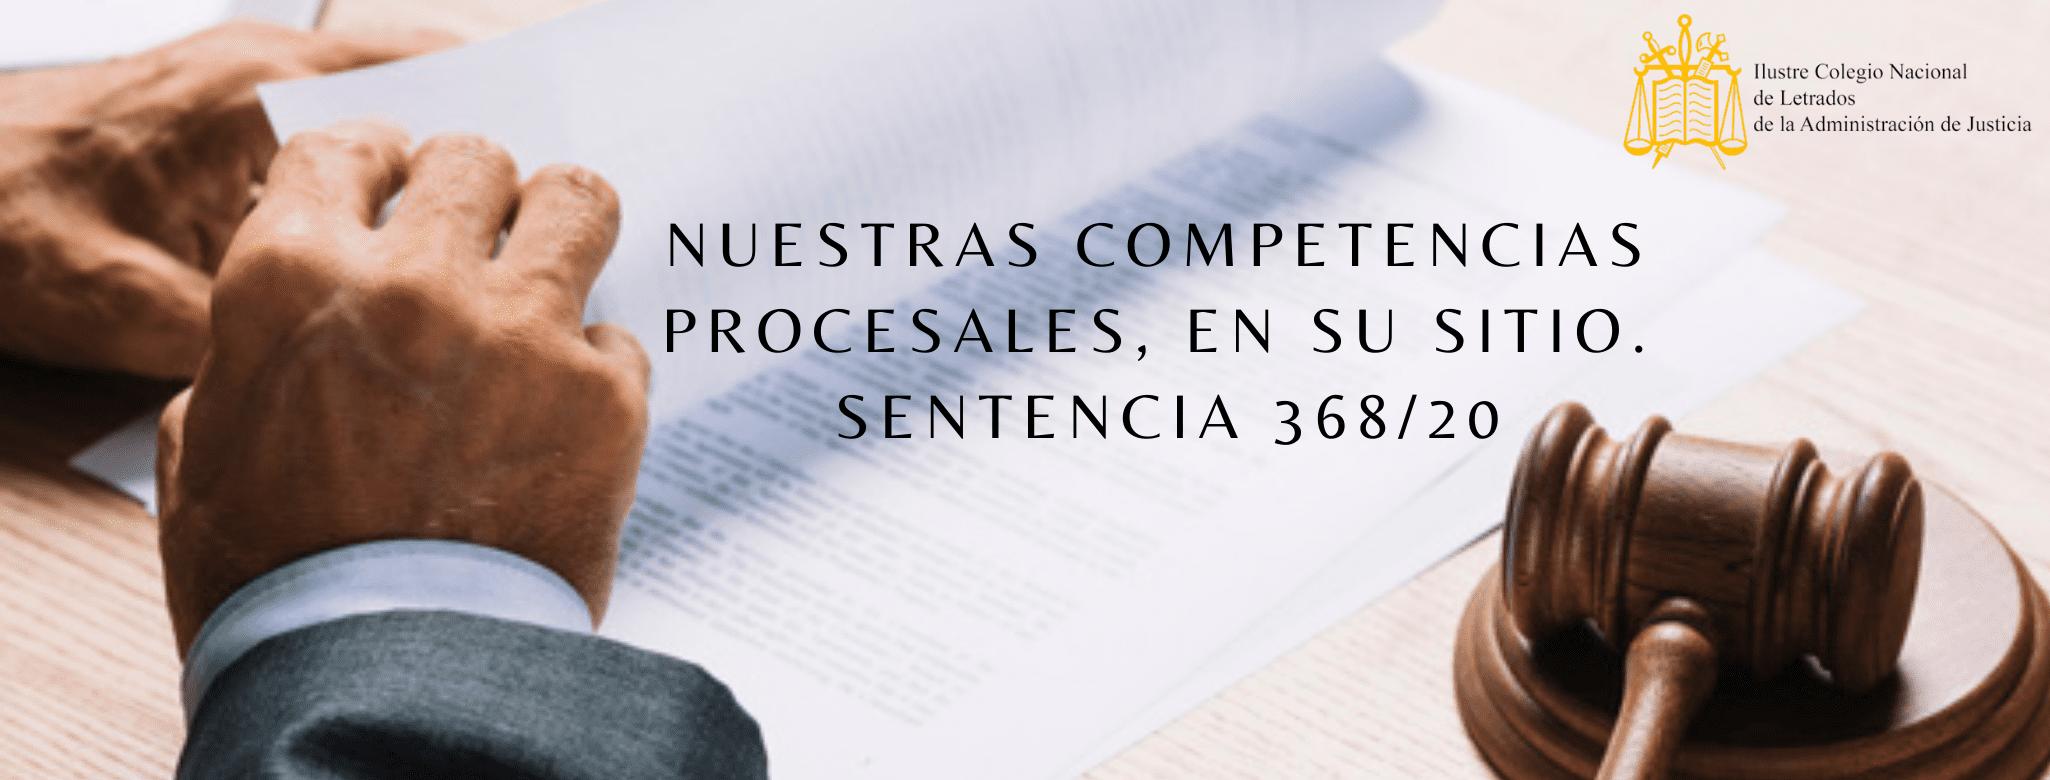 Letrados de Justicia competencias procesales Sentencia 368_20